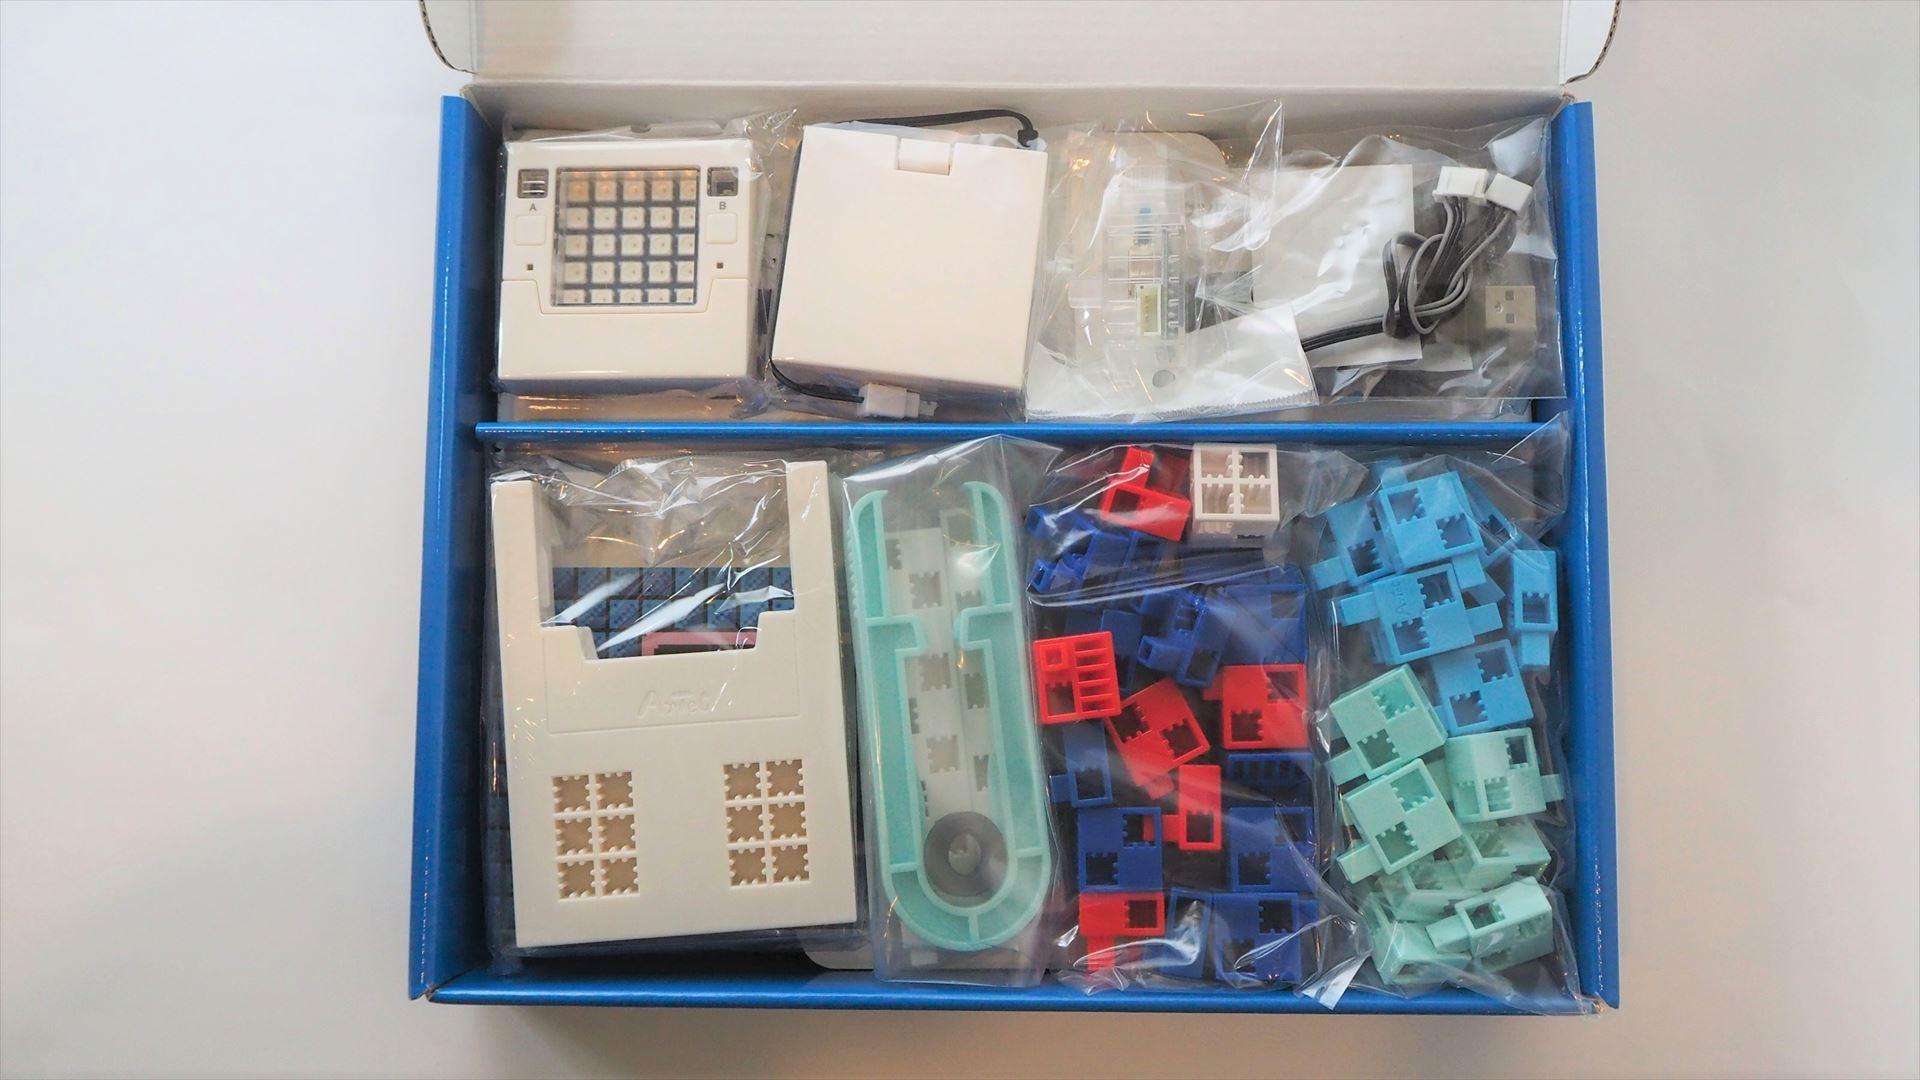 パッケージをあけたところ。上段には、マイコンボード「Studuino:bit」や電池ボックス、ケーブルなどが入っており、下段にはブロックパーツが入っている